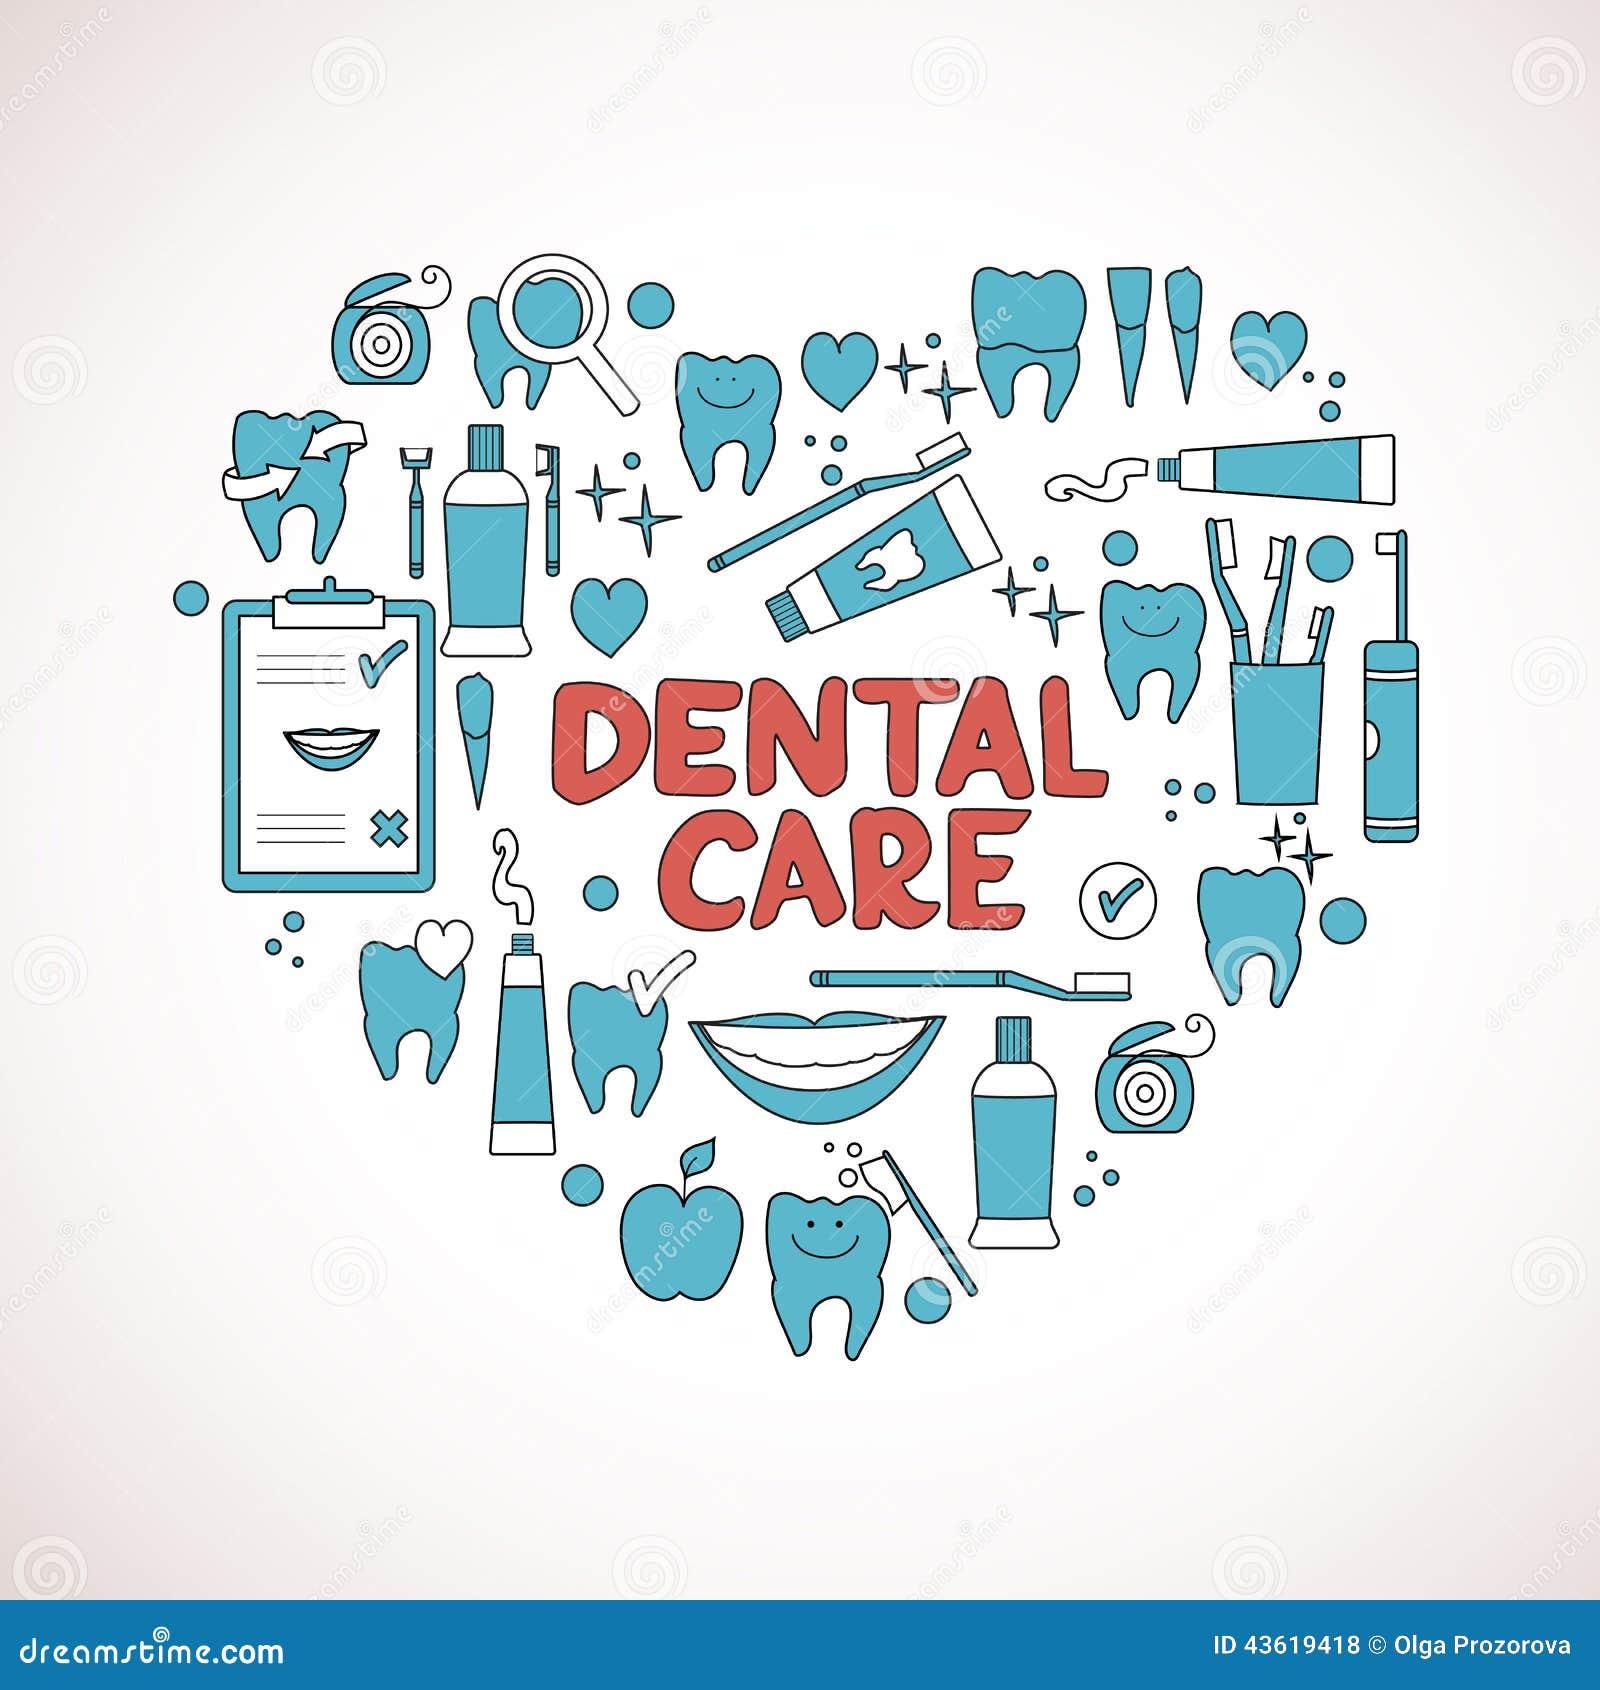 dental-care-symbols-shape-heart-vector-illustration-43619418.jpg